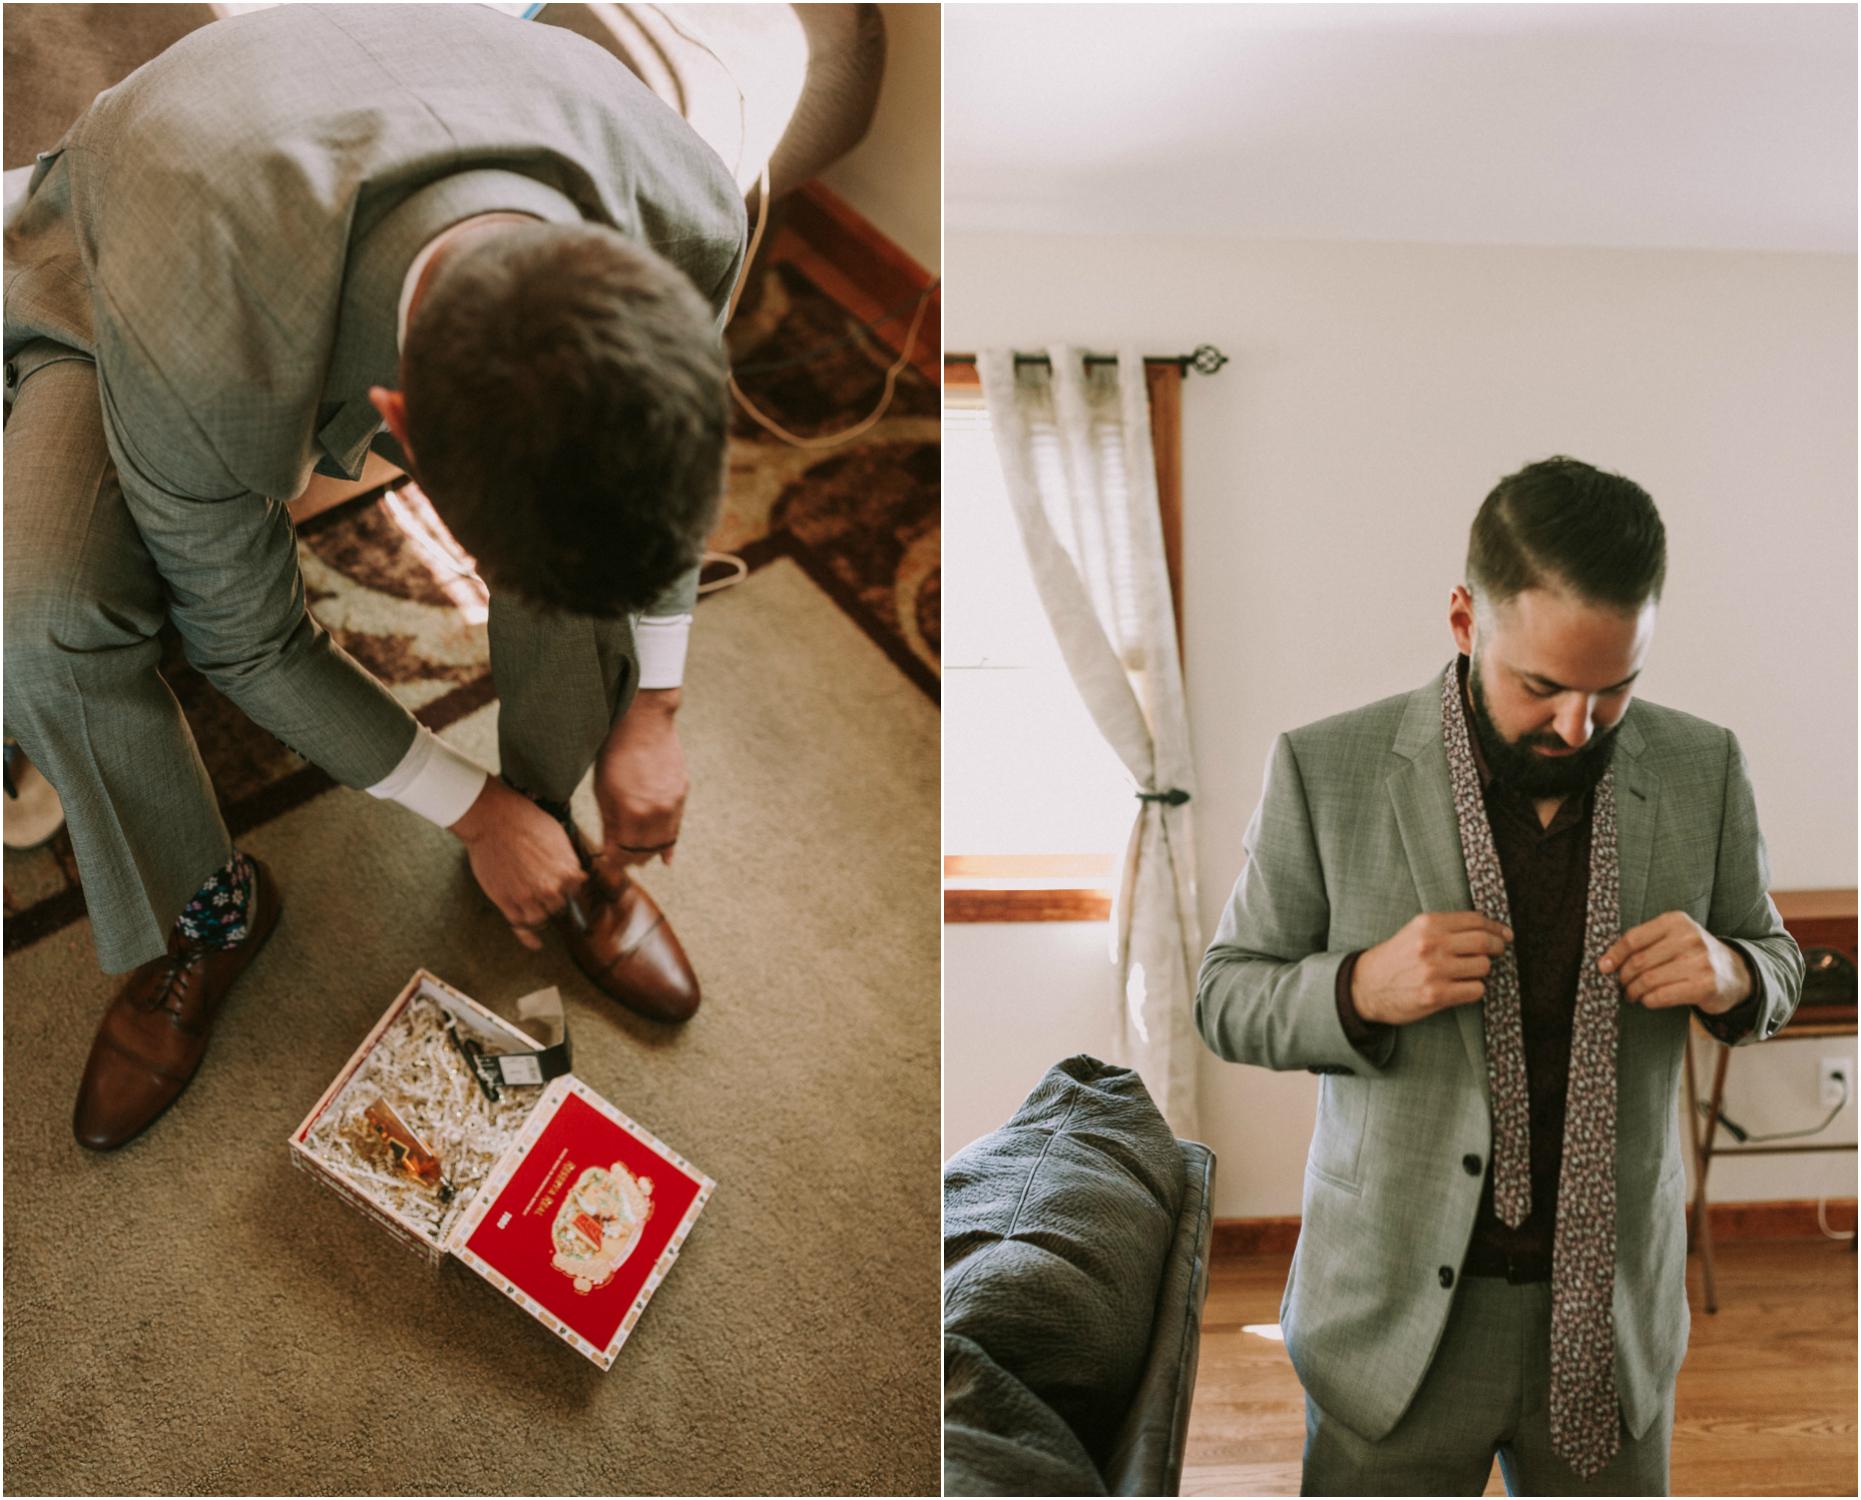 cigar box gift, tie in cigar box, groom putting on tie, groom tying tie, groom floral tie, purple tie wedding